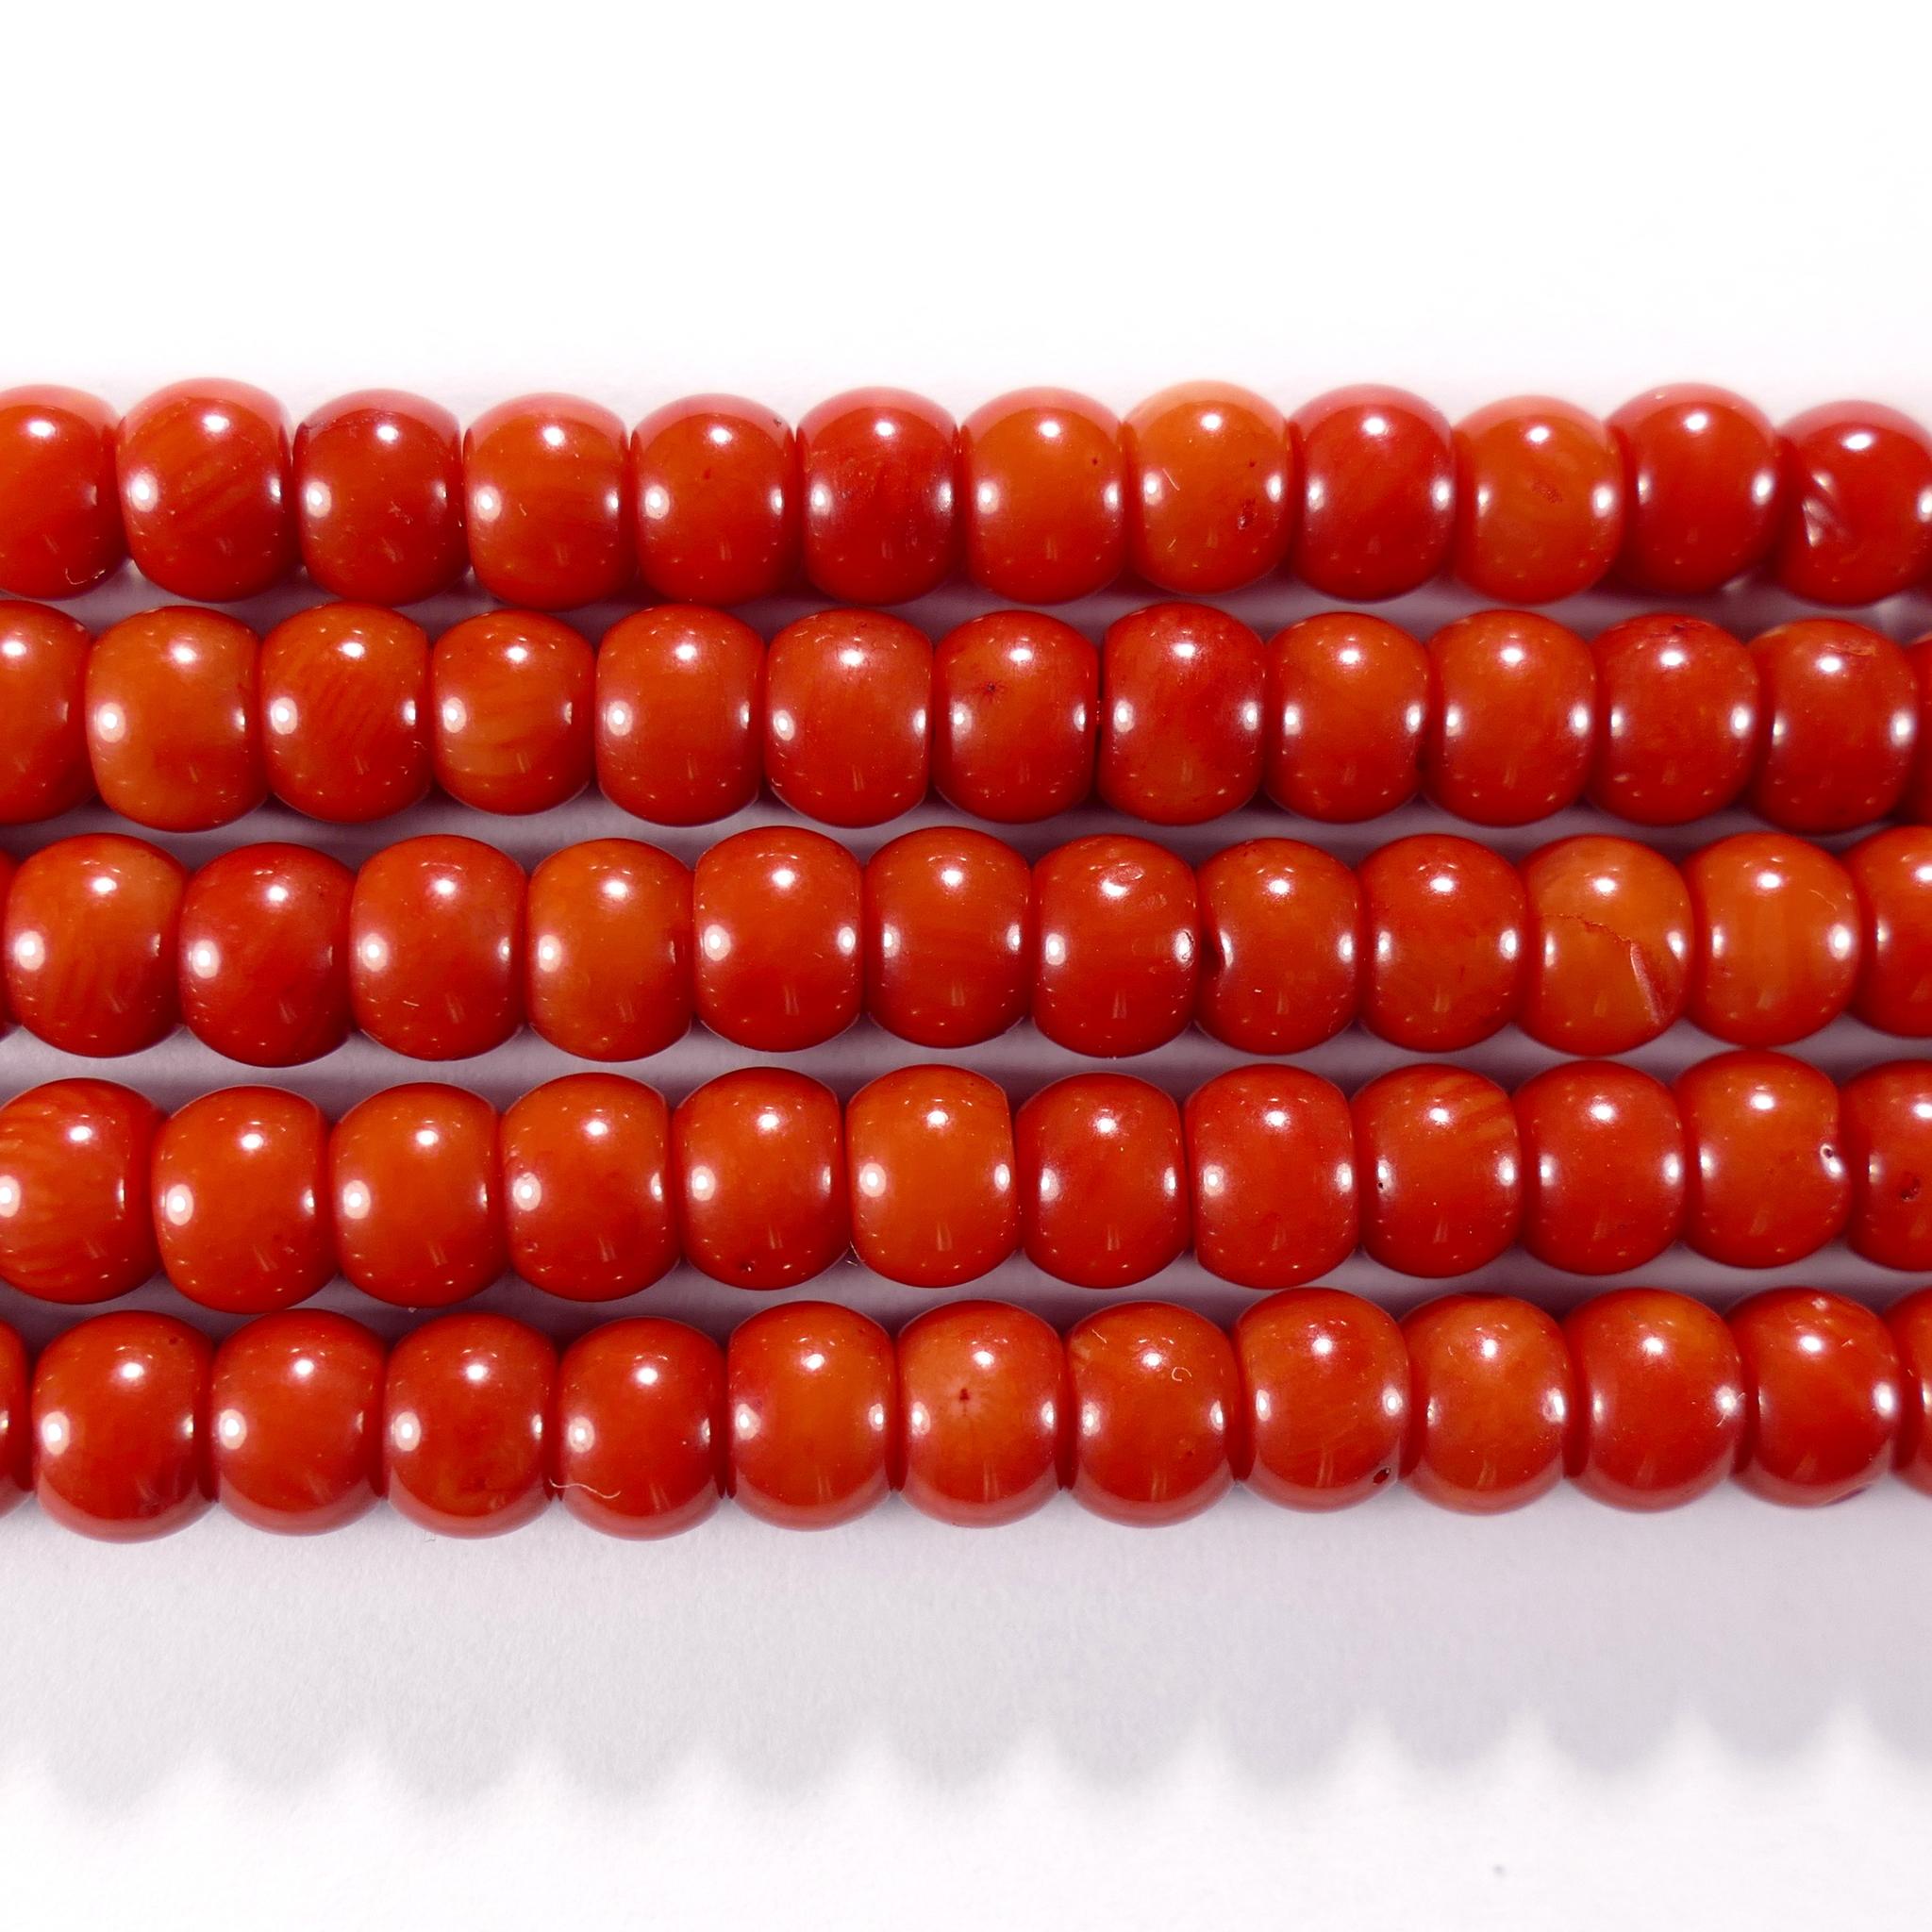 Нить бусин из коралла красного, облагороженного, фигурные, 4x6 мм (рондель-бочонок, гладкая)